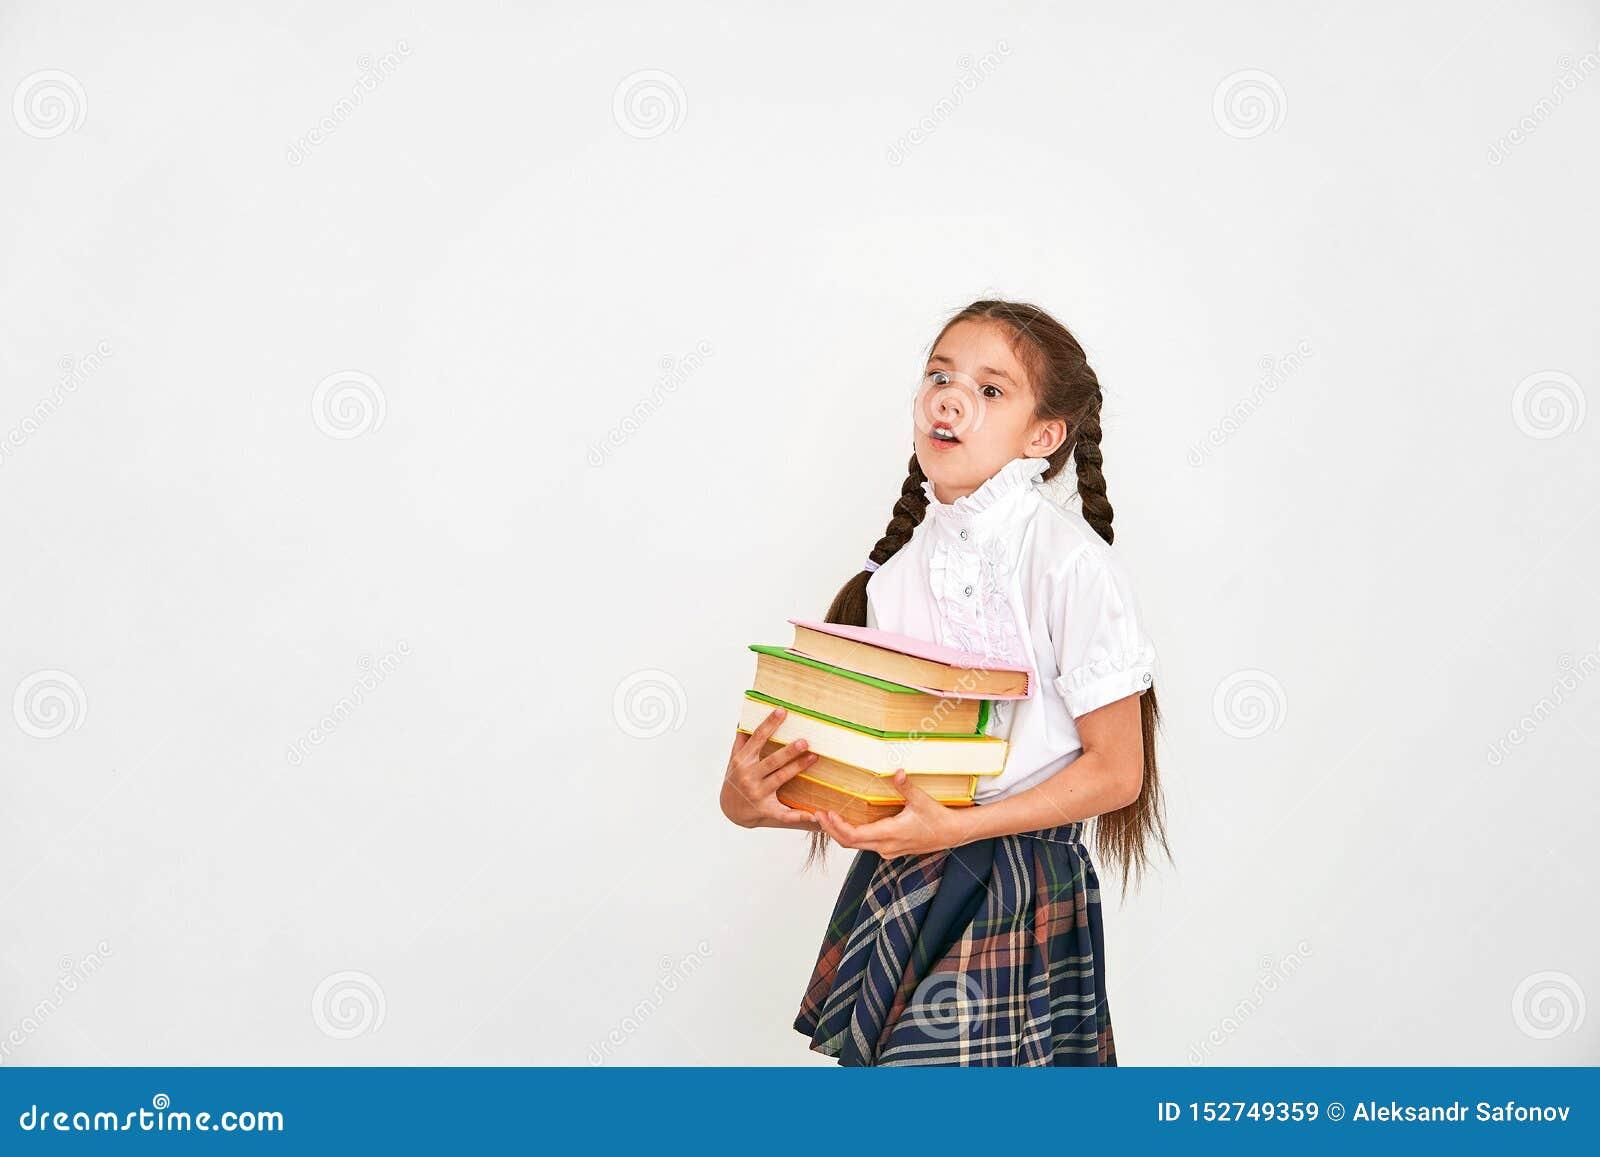 Portret piękny mała dziewczynka uczeń ono uśmiecha się na białym tle z plecakiem i sterta książki w jego rękach